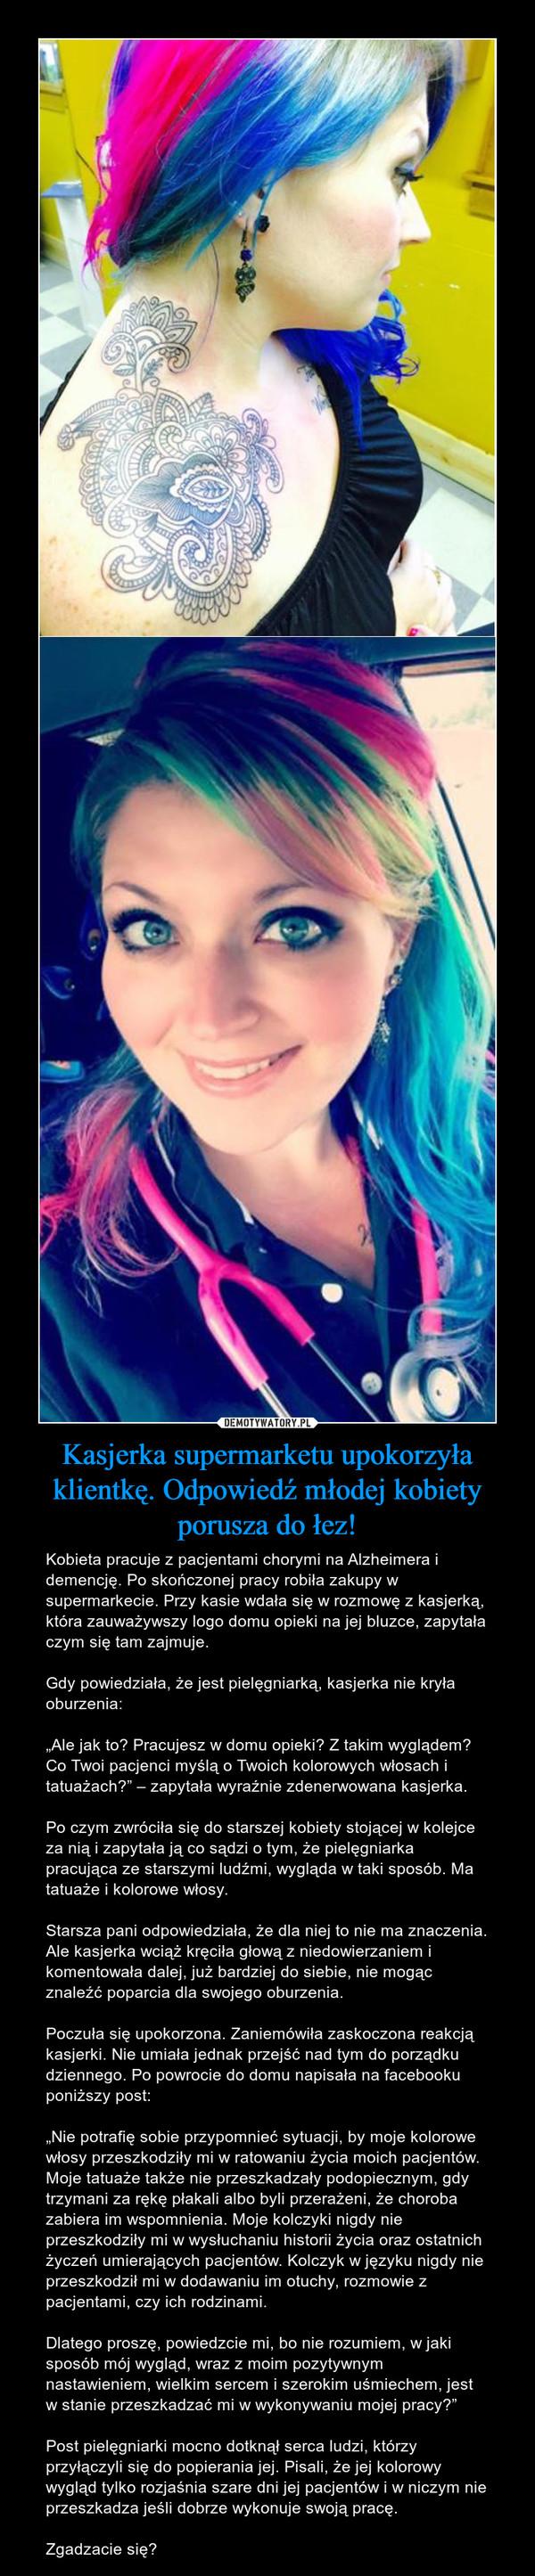 """Kasjerka supermarketu upokorzyła klientkę. Odpowiedź młodej kobiety porusza do łez! – Kobieta pracuje z pacjentami chorymi na Alzheimera i demencję. Po skończonej pracy robiła zakupy w supermarkecie. Przy kasie wdała się w rozmowę z kasjerką, która zauważywszy logo domu opieki na jej bluzce, zapytała czym się tam zajmuje.Gdy powiedziała, że jest pielęgniarką, kasjerka nie kryła oburzenia:""""Ale jak to? Pracujesz w domu opieki? Z takim wyglądem? Co Twoi pacjenci myślą o Twoich kolorowych włosach i tatuażach?"""" – zapytała wyraźnie zdenerwowana kasjerka.Po czym zwróciła się do starszej kobiety stojącej w kolejce za nią i zapytała ją co sądzi o tym, że pielęgniarka pracująca ze starszymi ludźmi, wygląda w taki sposób. Ma tatuaże i kolorowe włosy.Starsza pani odpowiedziała, że dla niej to nie ma znaczenia. Ale kasjerka wciąż kręciła głową z niedowierzaniem i komentowała dalej, już bardziej do siebie, nie mogąc znaleźć poparcia dla swojego oburzenia.Poczuła się upokorzona. Zaniemówiła zaskoczona reakcją kasjerki. Nie umiała jednak przejść nad tym do porządku dziennego. Po powrocie do domu napisała na facebooku poniższy post: """"Nie potrafię sobie przypomnieć sytuacji, by moje kolorowe włosy przeszkodziły mi w ratowaniu życia moich pacjentów. Moje tatuaże także nie przeszkadzały podopiecznym, gdy trzymani za rękę płakali albo byli przerażeni, że choroba zabiera im wspomnienia. Moje kolczyki nigdy nie przeszkodziły mi w wysłuchaniu historii życia oraz ostatnich życzeń umierających pacjentów. Kolczyk w języku nigdy nie przeszkodził mi w dodawaniu im otuchy, rozmowie z pacjentami, czy ich rodzinami. Dlatego proszę, powiedzcie mi, bo nie rozumiem, w jaki sposób mój wygląd, wraz z moim pozytywnym nastawieniem, wielkim sercem i szerokim uśmiechem, jest w stanie przeszkadzać mi w wykonywaniu mojej pracy?""""Post pielęgniarki mocno dotknął serca ludzi, którzy przyłączyli się do popierania jej. Pisali, że jej kolorowy wygląd tylko rozjaśnia szare dni jej pacjentów i w niczym nie przeszkadz"""